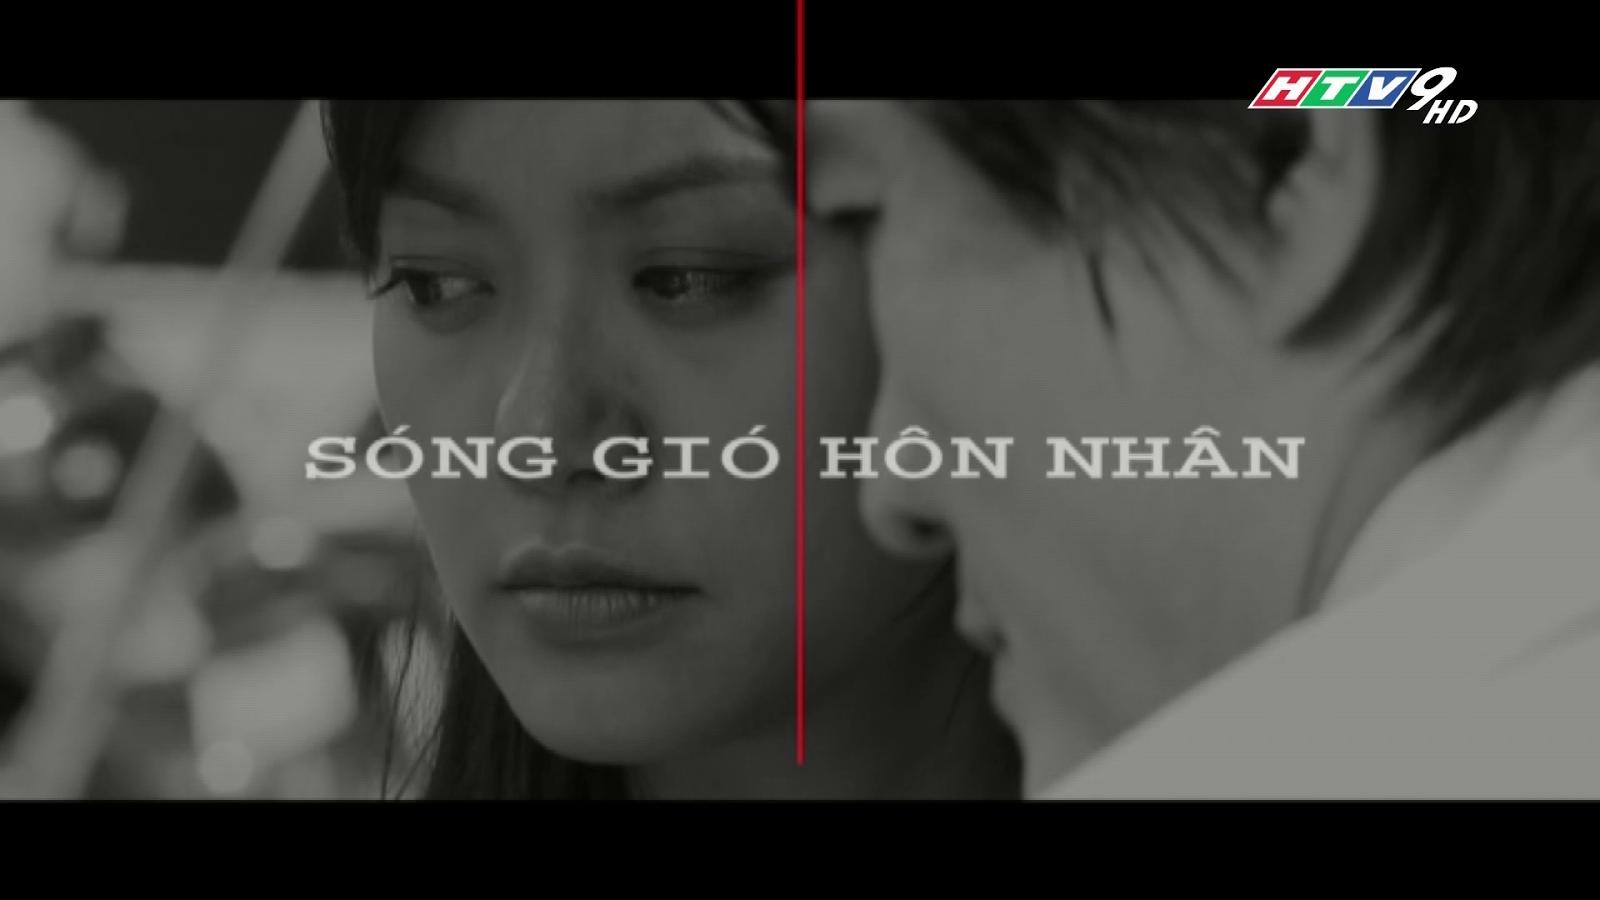 Sóng Gió Hôn Nhân - PhimVN 2014 30/30 Tập